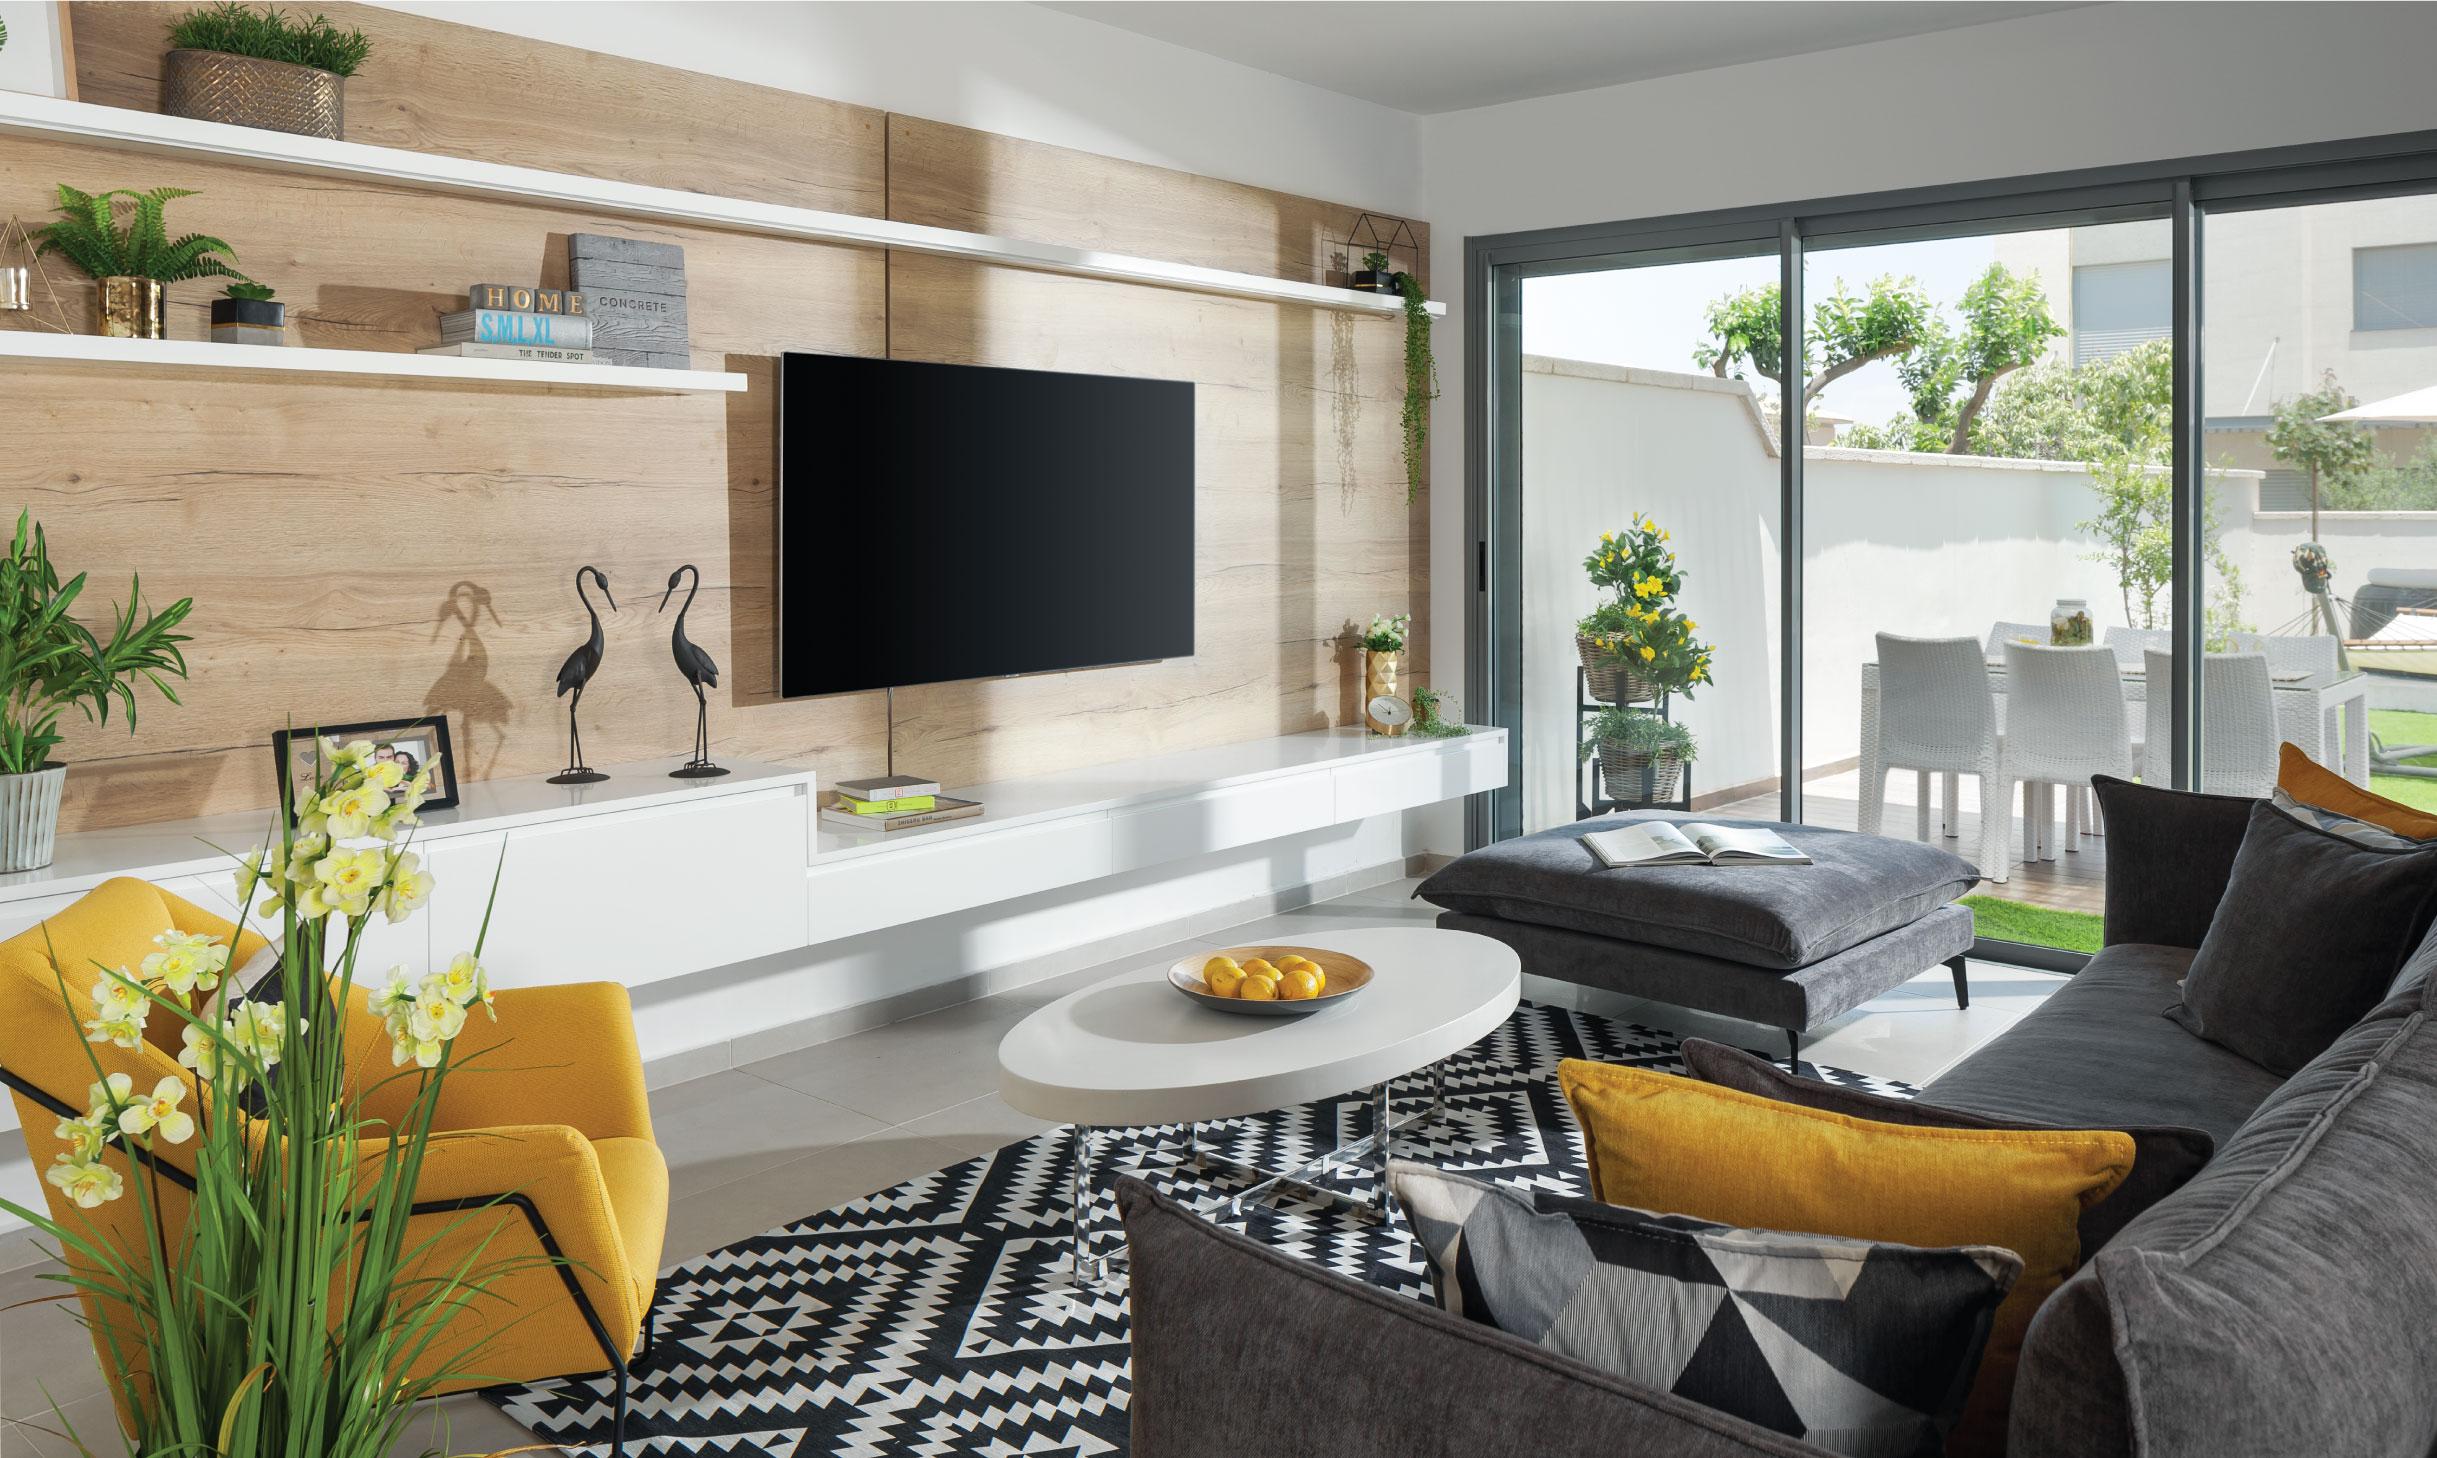 תכנון ועיצוב בית בראש העין החדשה